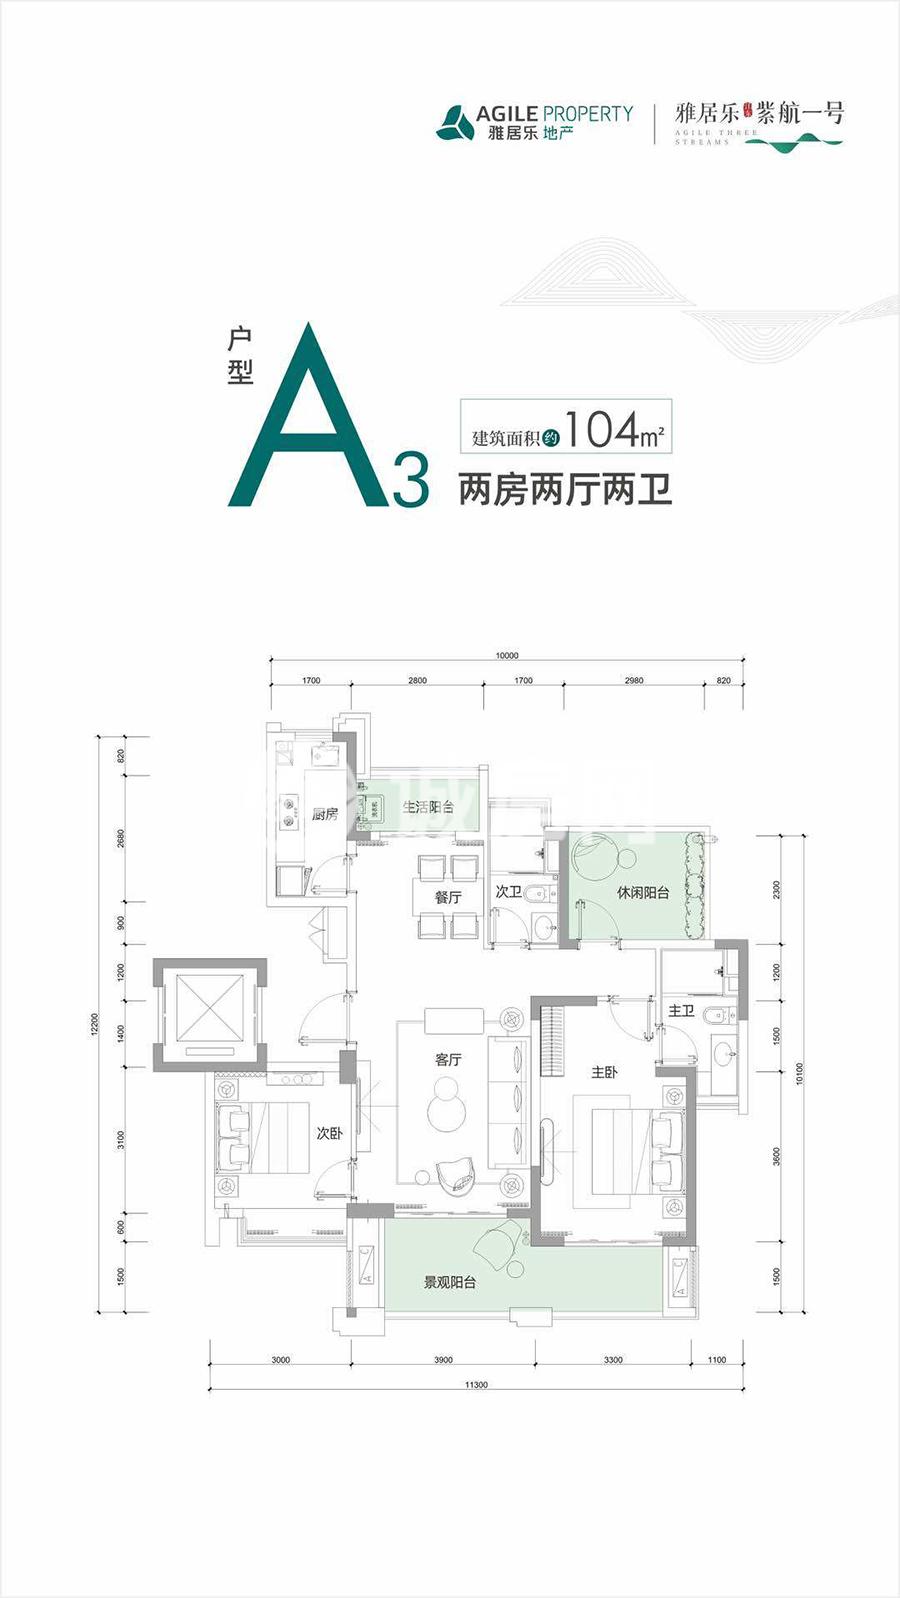 雅居樂江東紫航一號2室2廳2衛